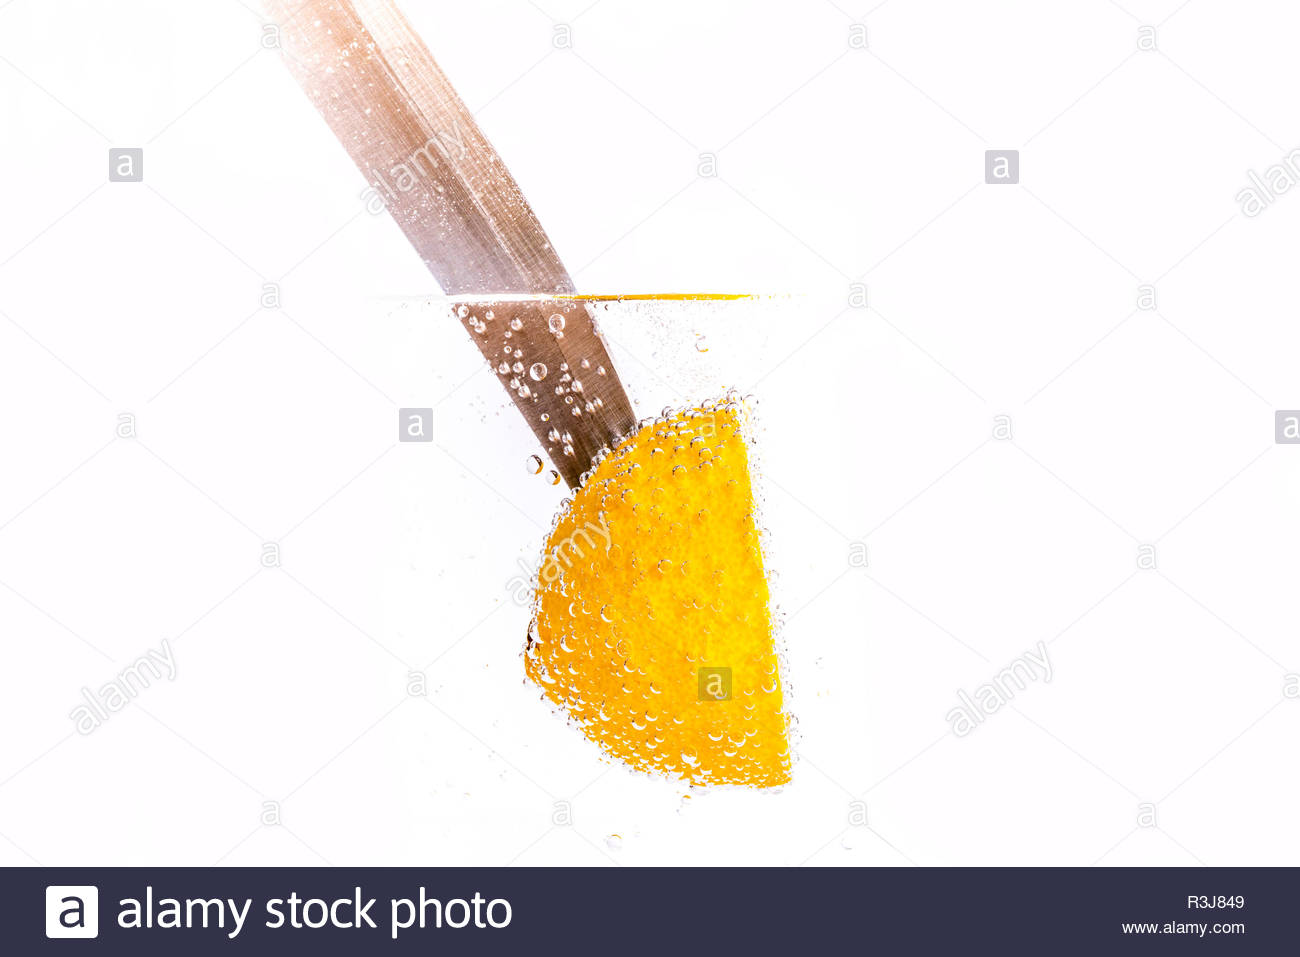 Frische aufgespießte Zitrone im frischen Wasser - Stock Image